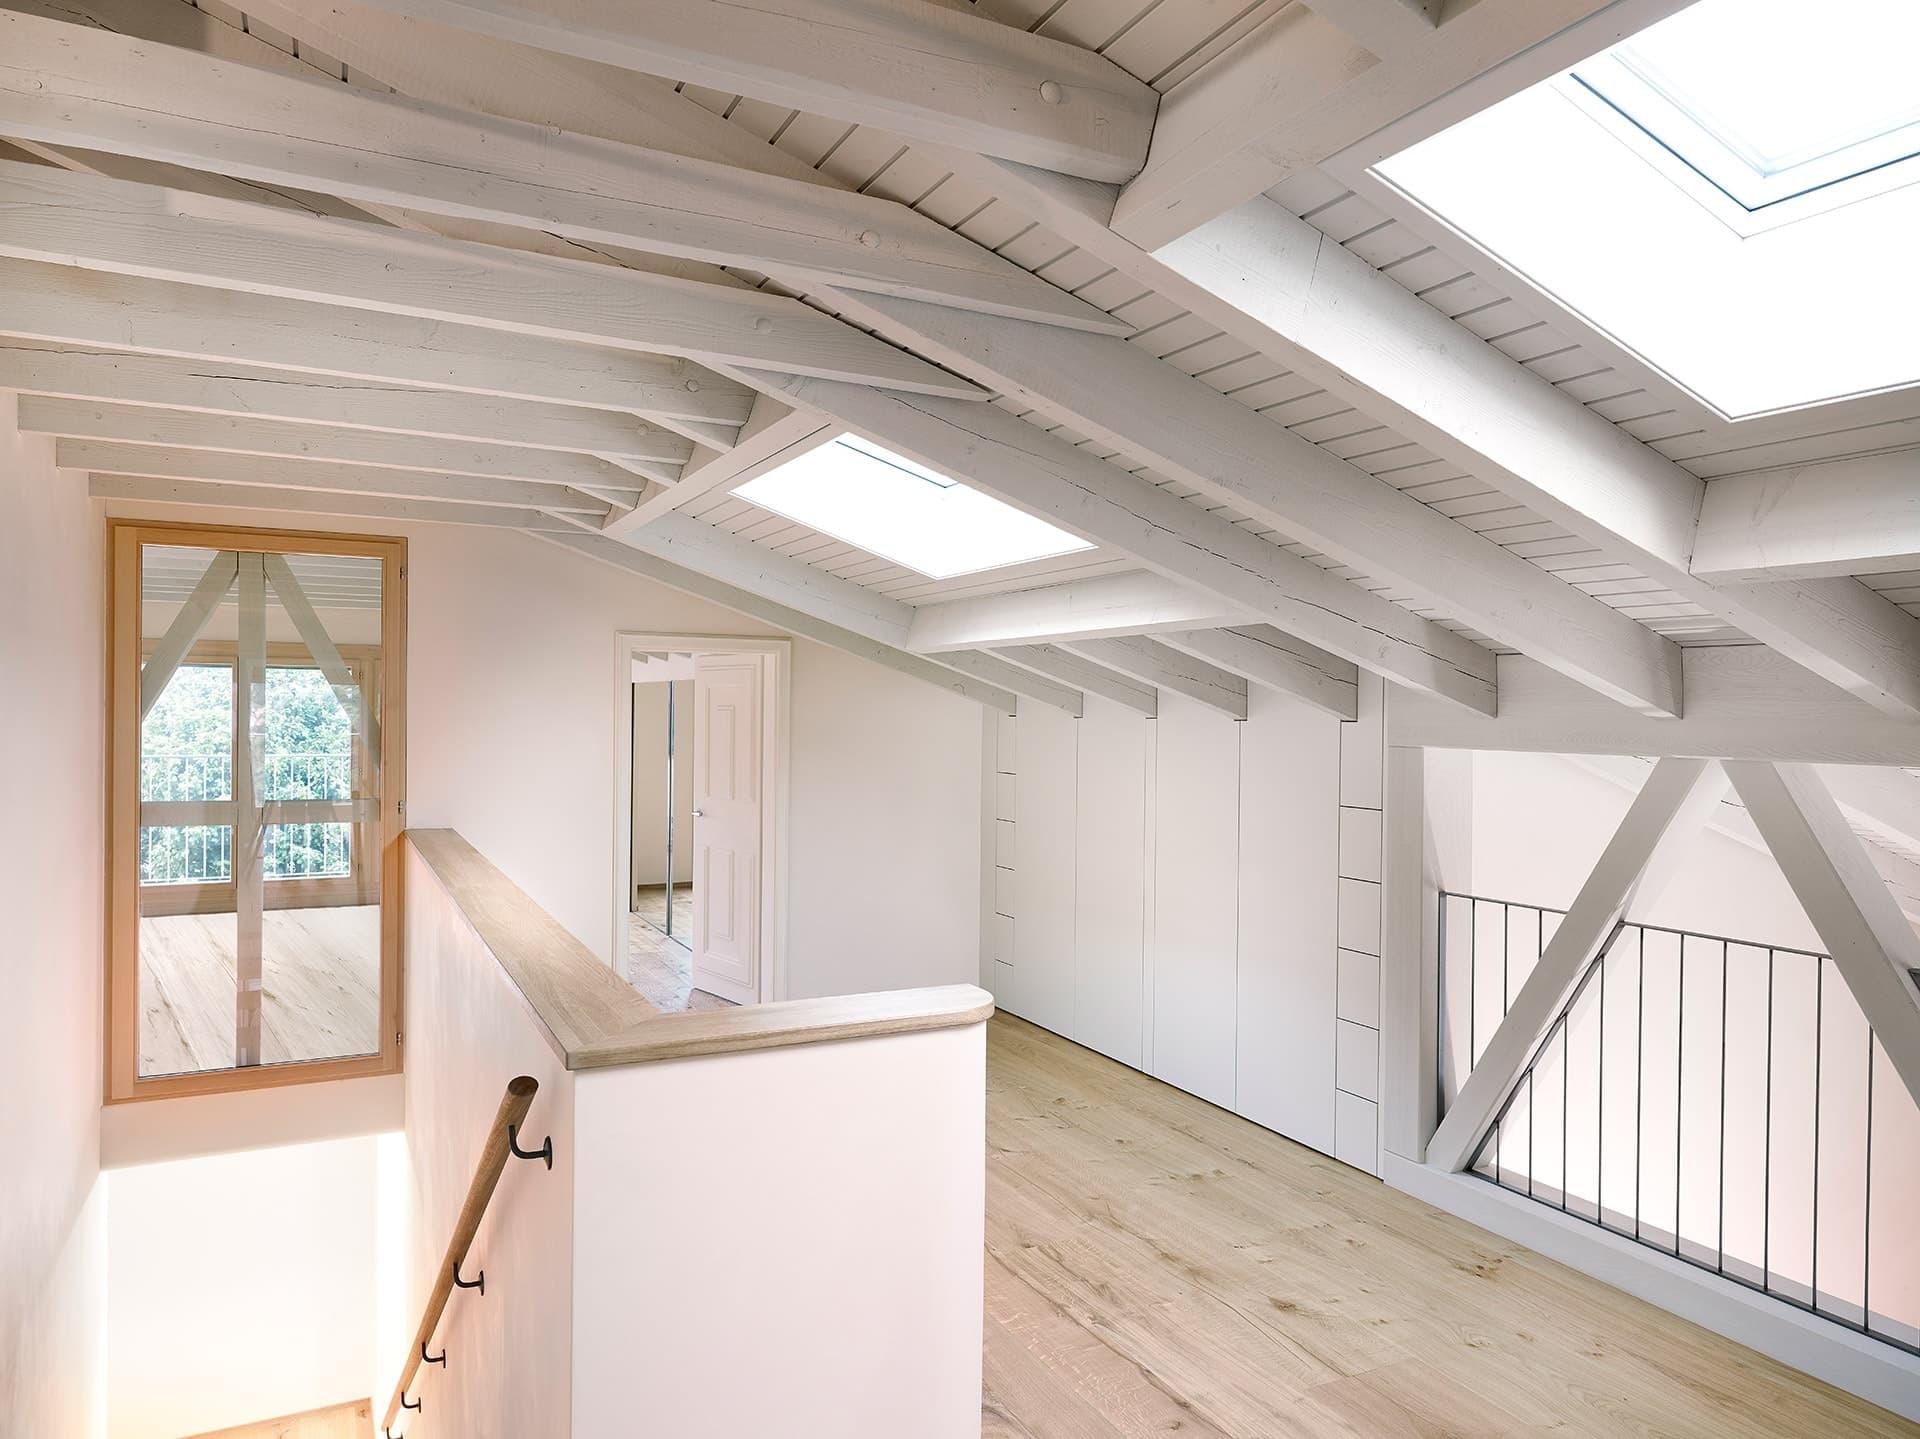 venuti-architects_CF003398-1